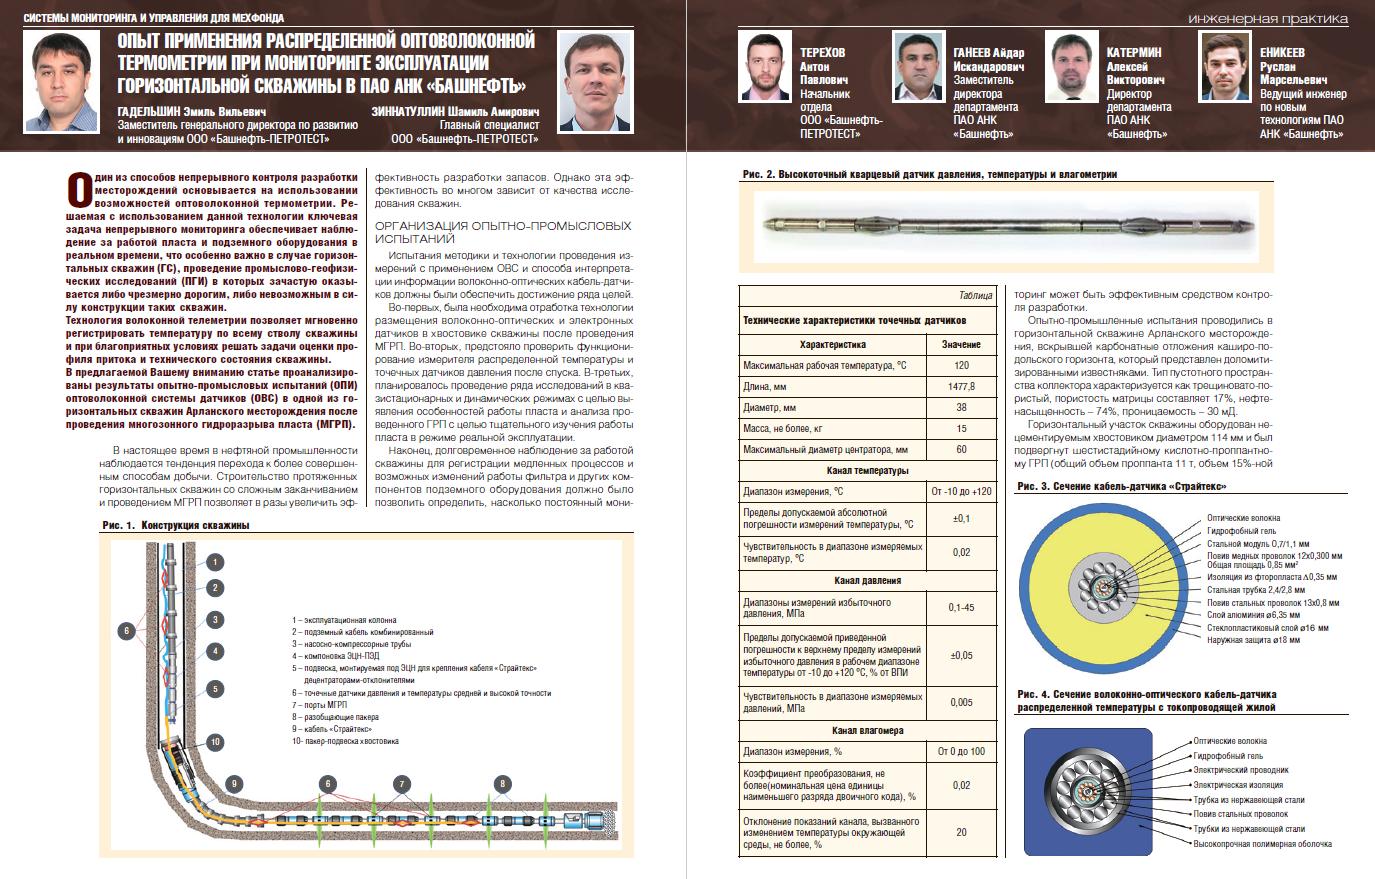 22111 Опыт применения оптоволоконной термометрии при мониторинге эксплуатации горизонтальной скважины